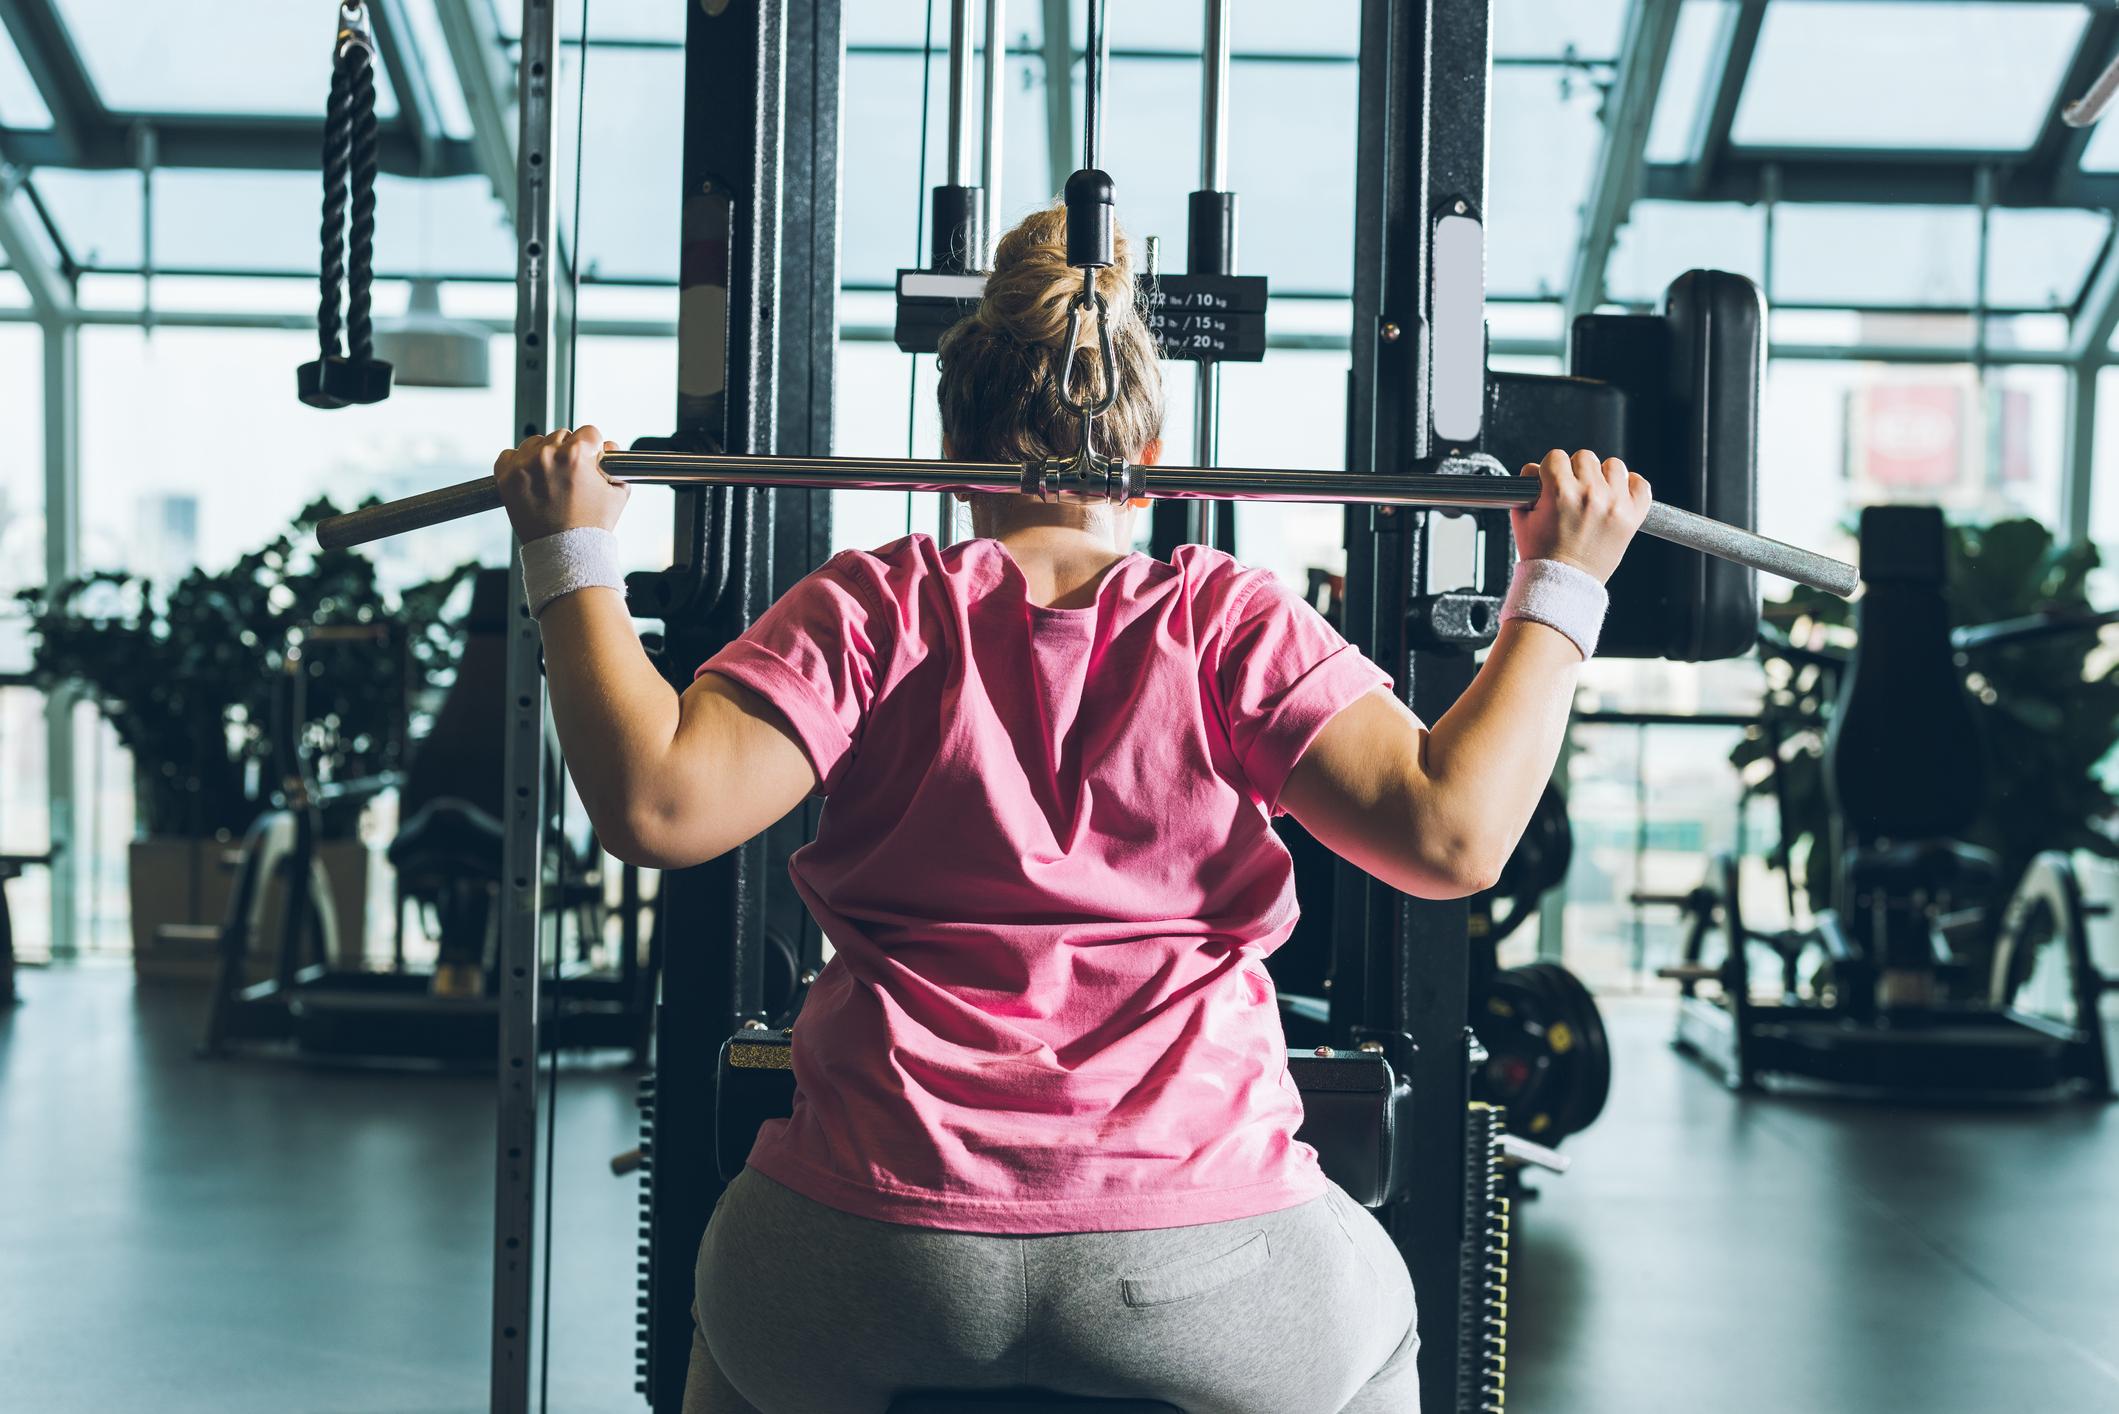 Ejercicios que no deberías realizar en el gimnasio